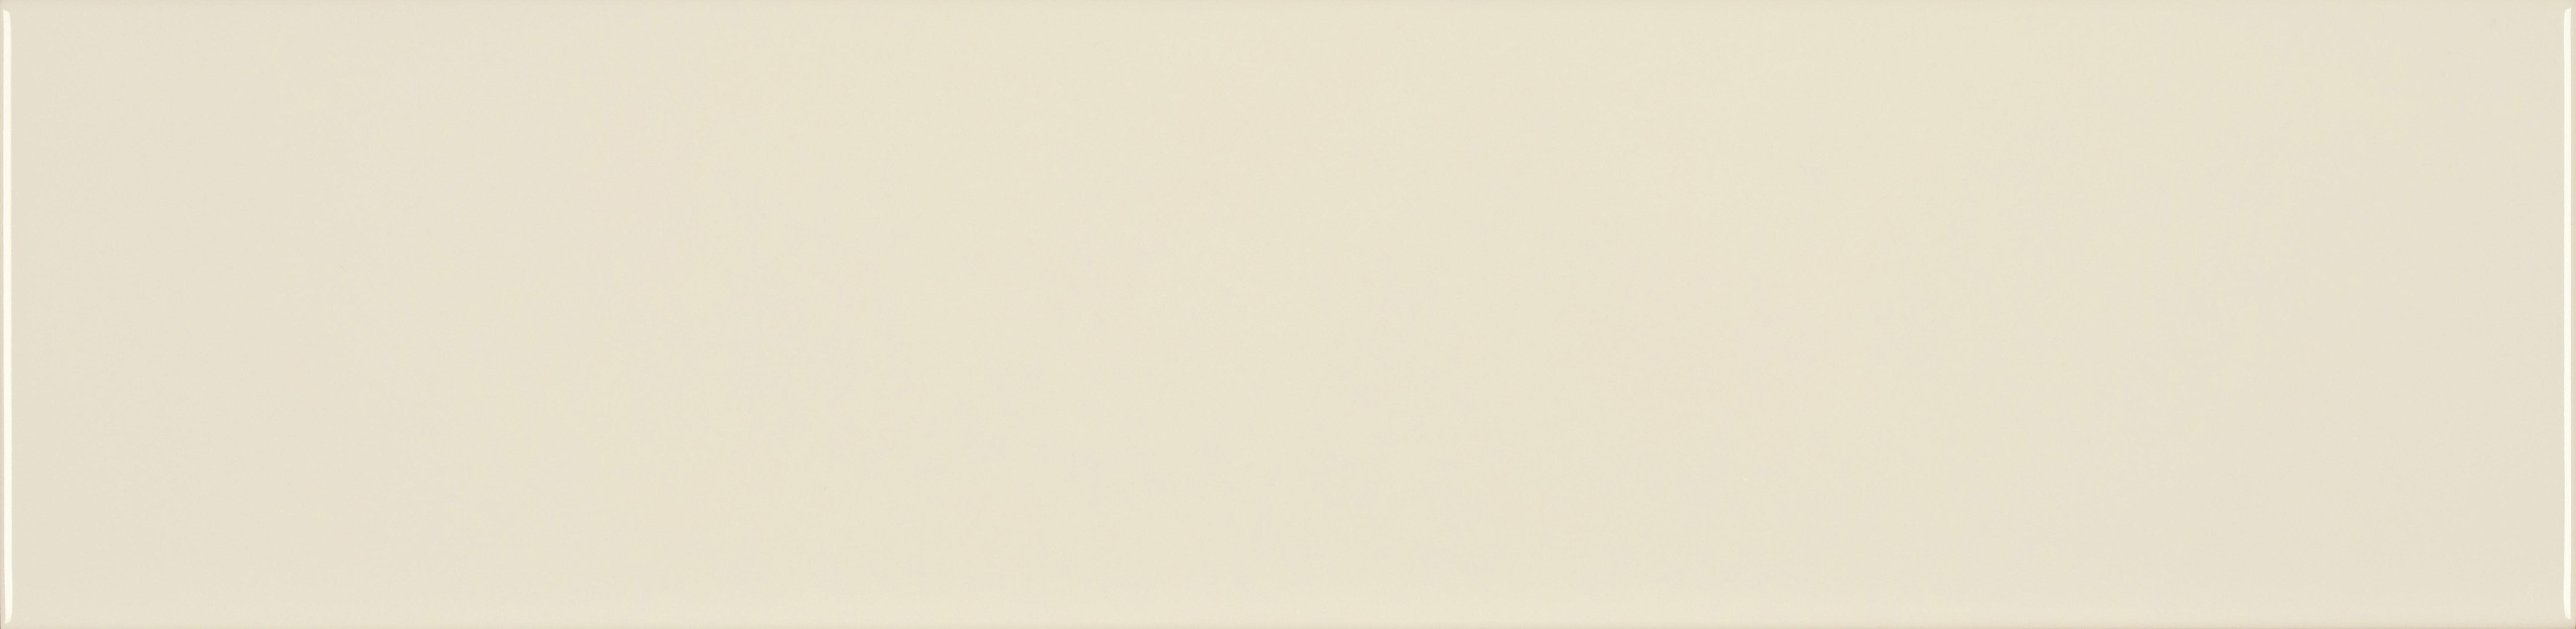 Krea Vanilla 4x16